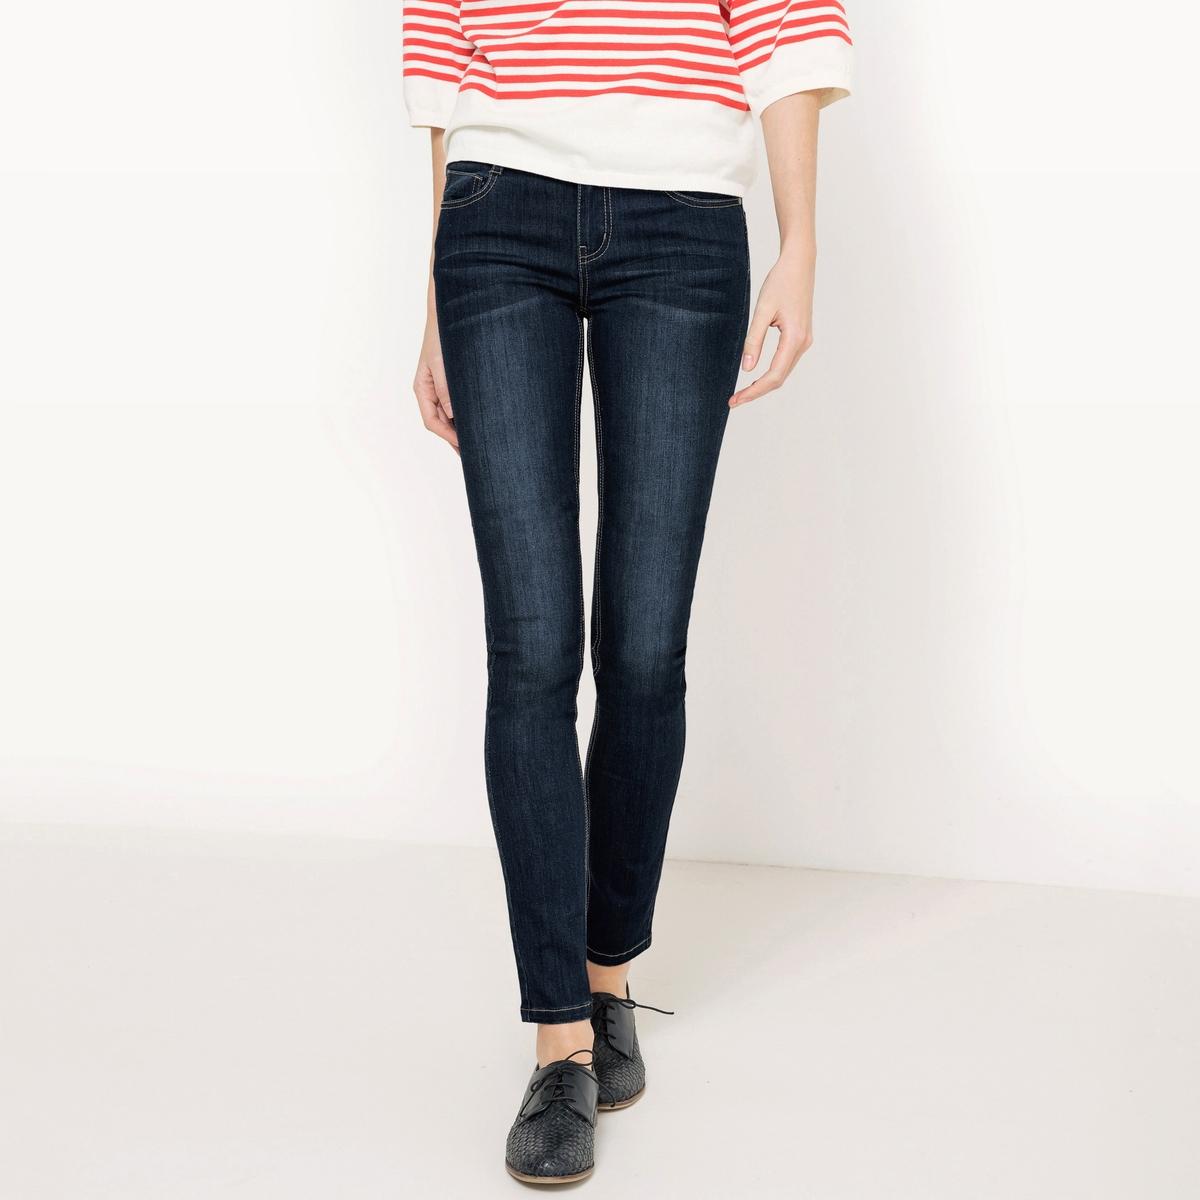 Джинсы узкие с эффектом пуш-апМатериал : 66% хлопка, 2% эластана, 32% полиэстера             Высота пояса : стандартная            Покрой джинсов: узкий Длина джинсов: длина 32              Стирка : машинная стирка при 30 °С            Уход : сухая чистка и отбеливание запрещены            Машинная сушка : запрещена            Глажка : при низкой температуре<br><br>Цвет: синий потертый,темно-синий<br>Размер: 48 (FR) - 54 (RUS).46 (FR) - 52 (RUS).44 (FR) - 50 (RUS).42 (FR) - 48 (RUS).40 (FR) - 46 (RUS).38 (FR) - 44 (RUS)